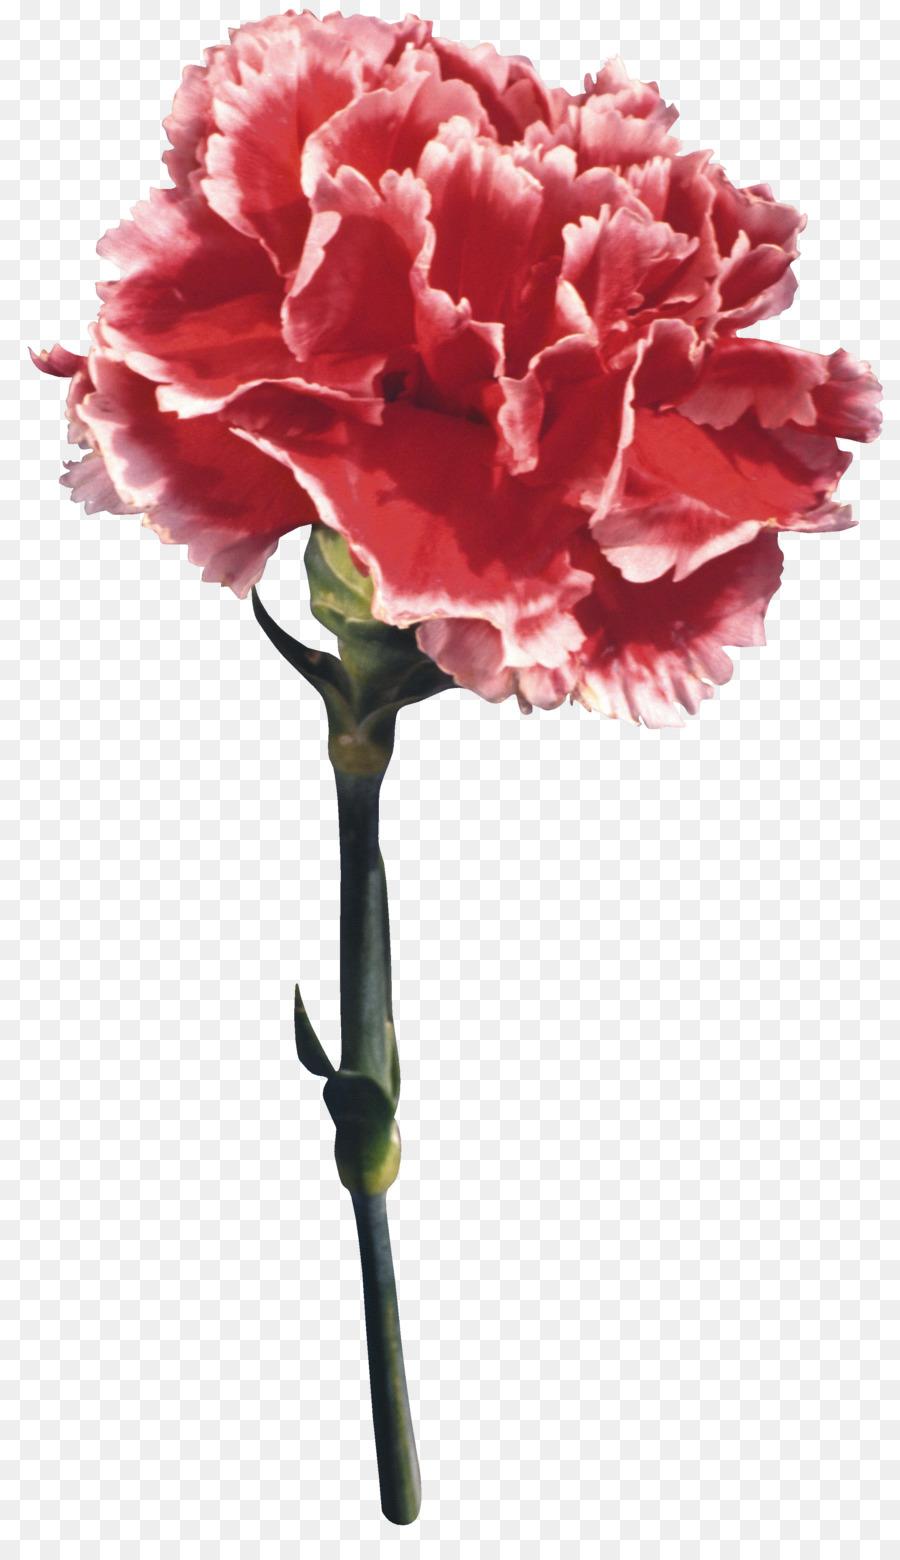 некоторых картинки цветов тюльпан ромашка василек гвоздика подсолнух тем гармониксом, тот